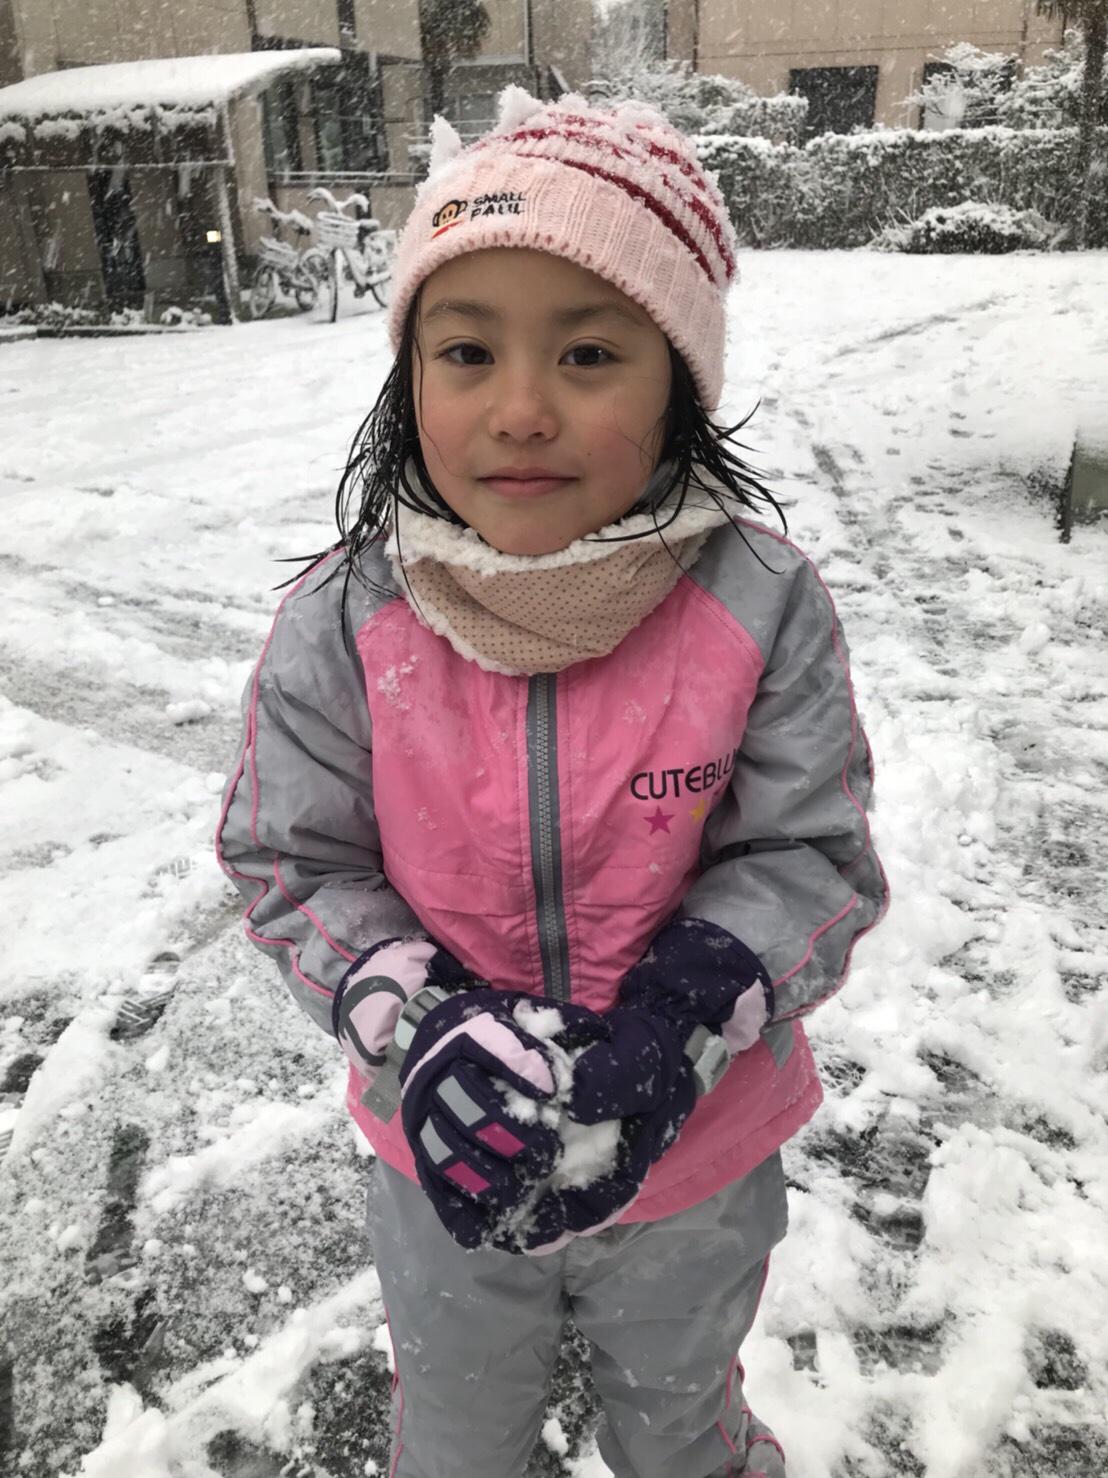 雪と髪の相性は⁉︎酸性雪や雪焼けへの影響有り!